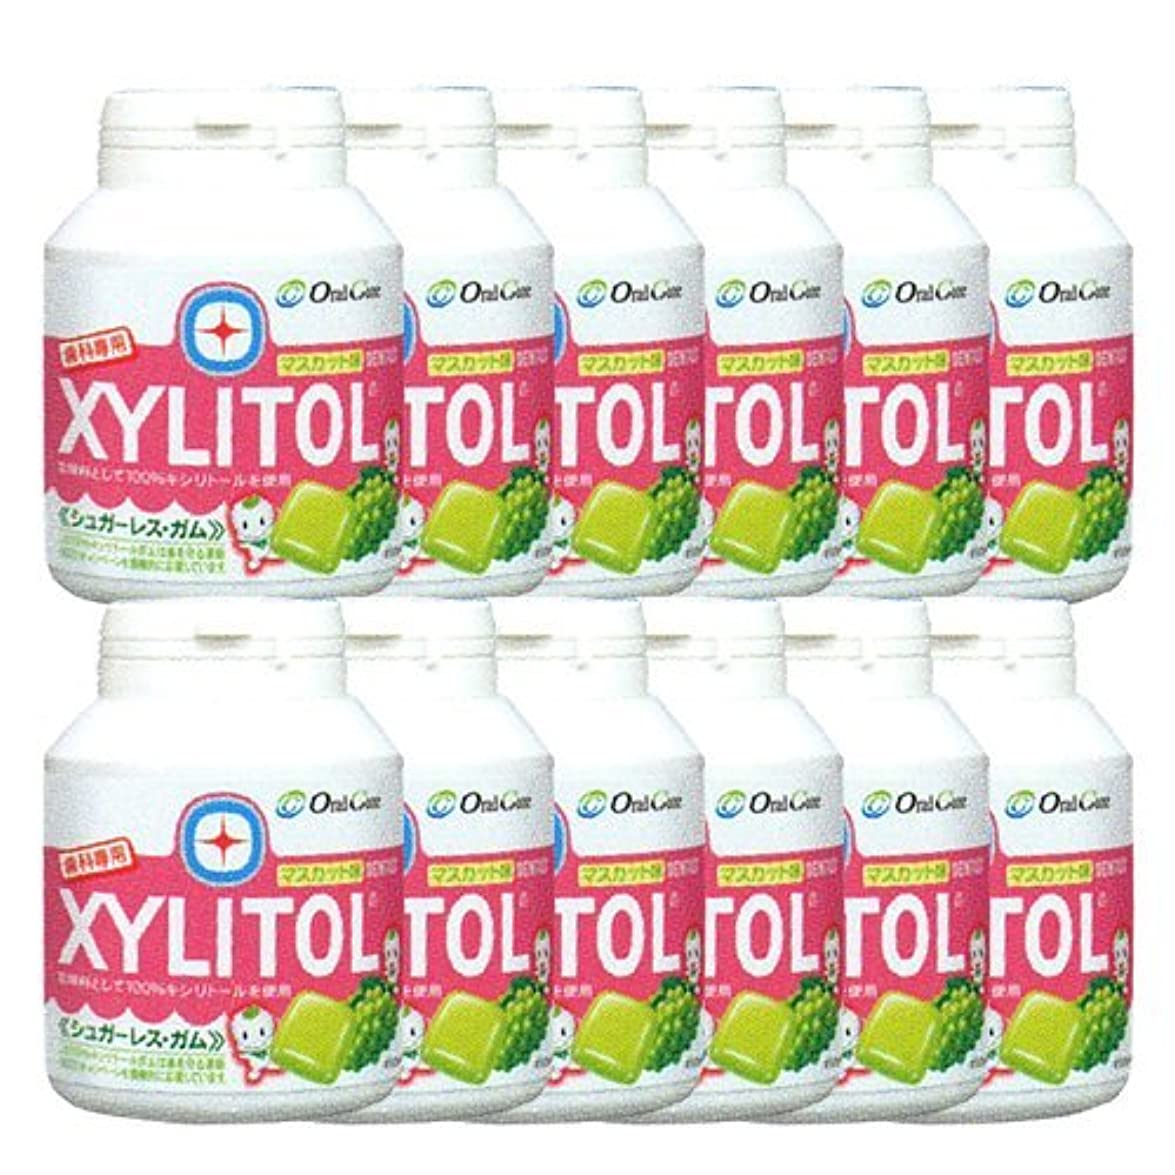 しっかりサンプルパケット歯科専売品 キシリトール ガム ボトル タイプ 90粒×12本 マスカット キシリトール 100%